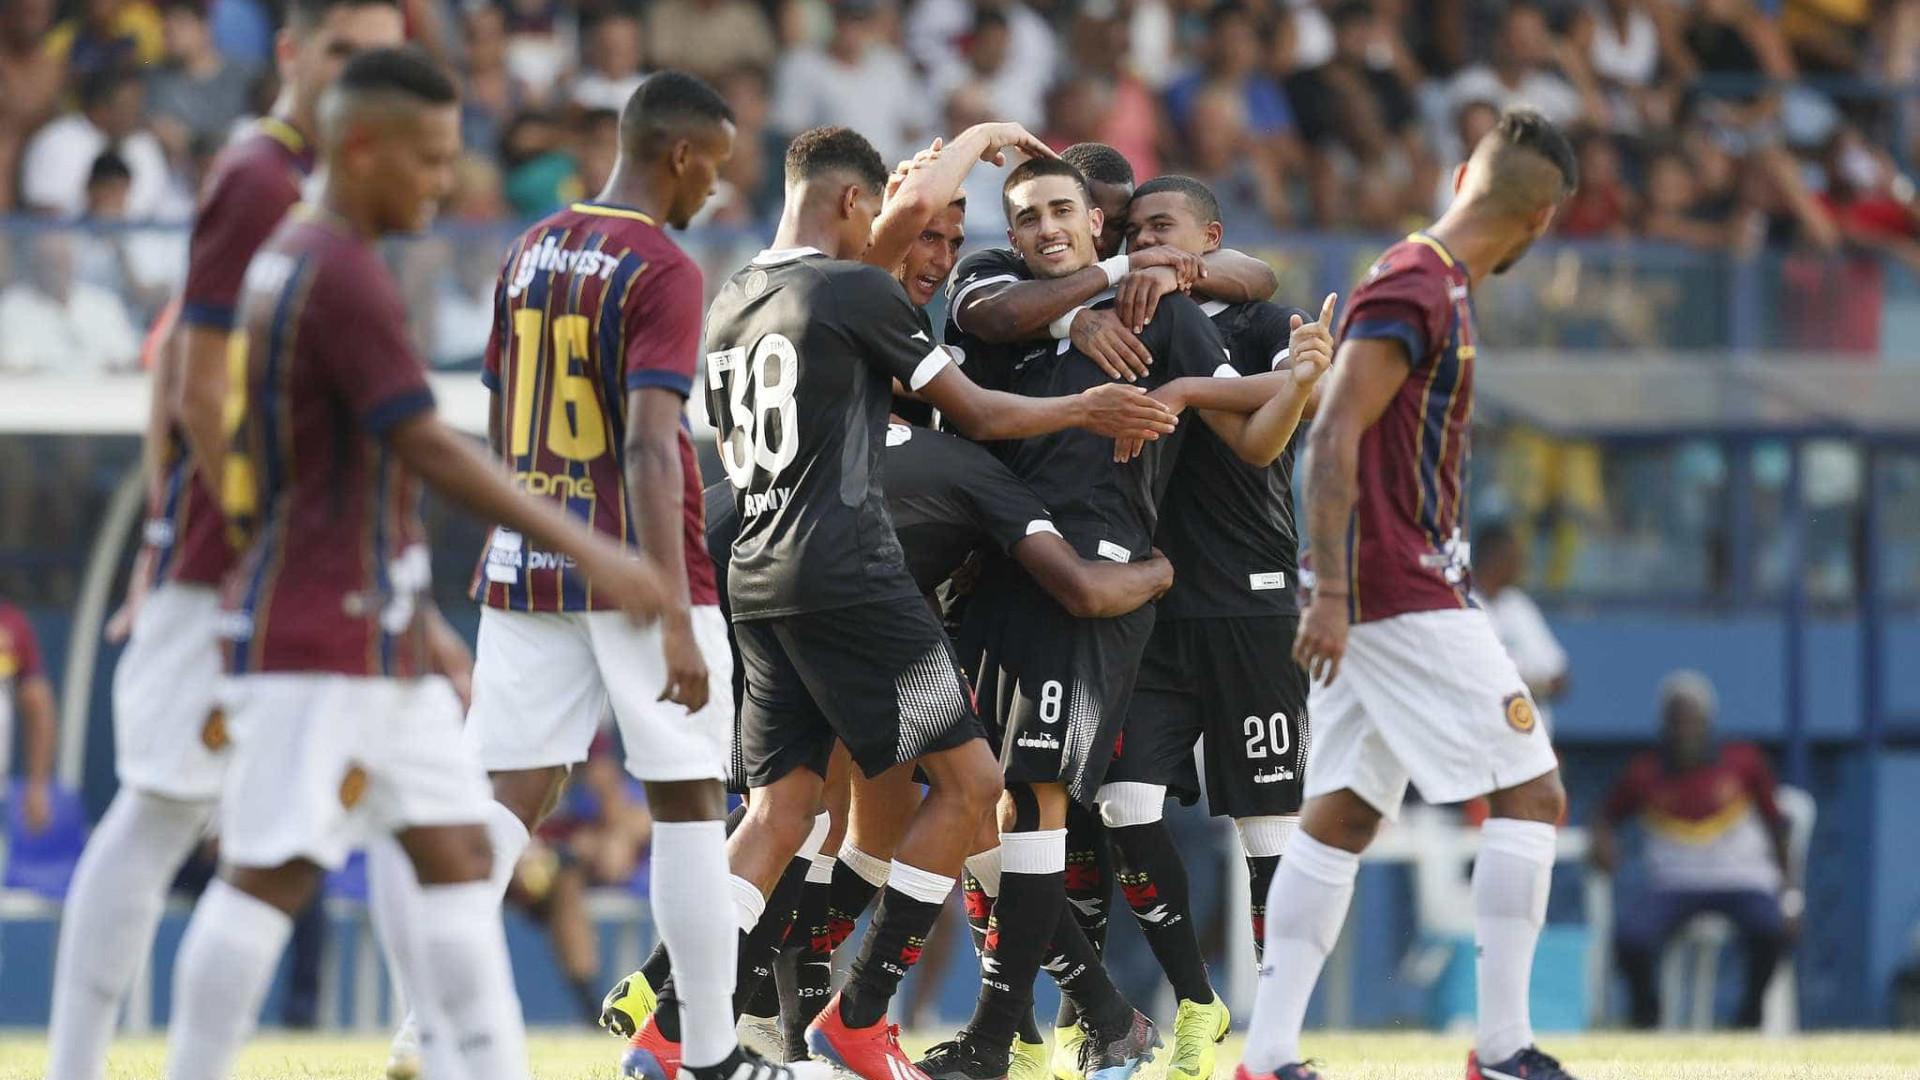 Vasco vence Madureira sob forte calor do Rio na estreia no Carioca